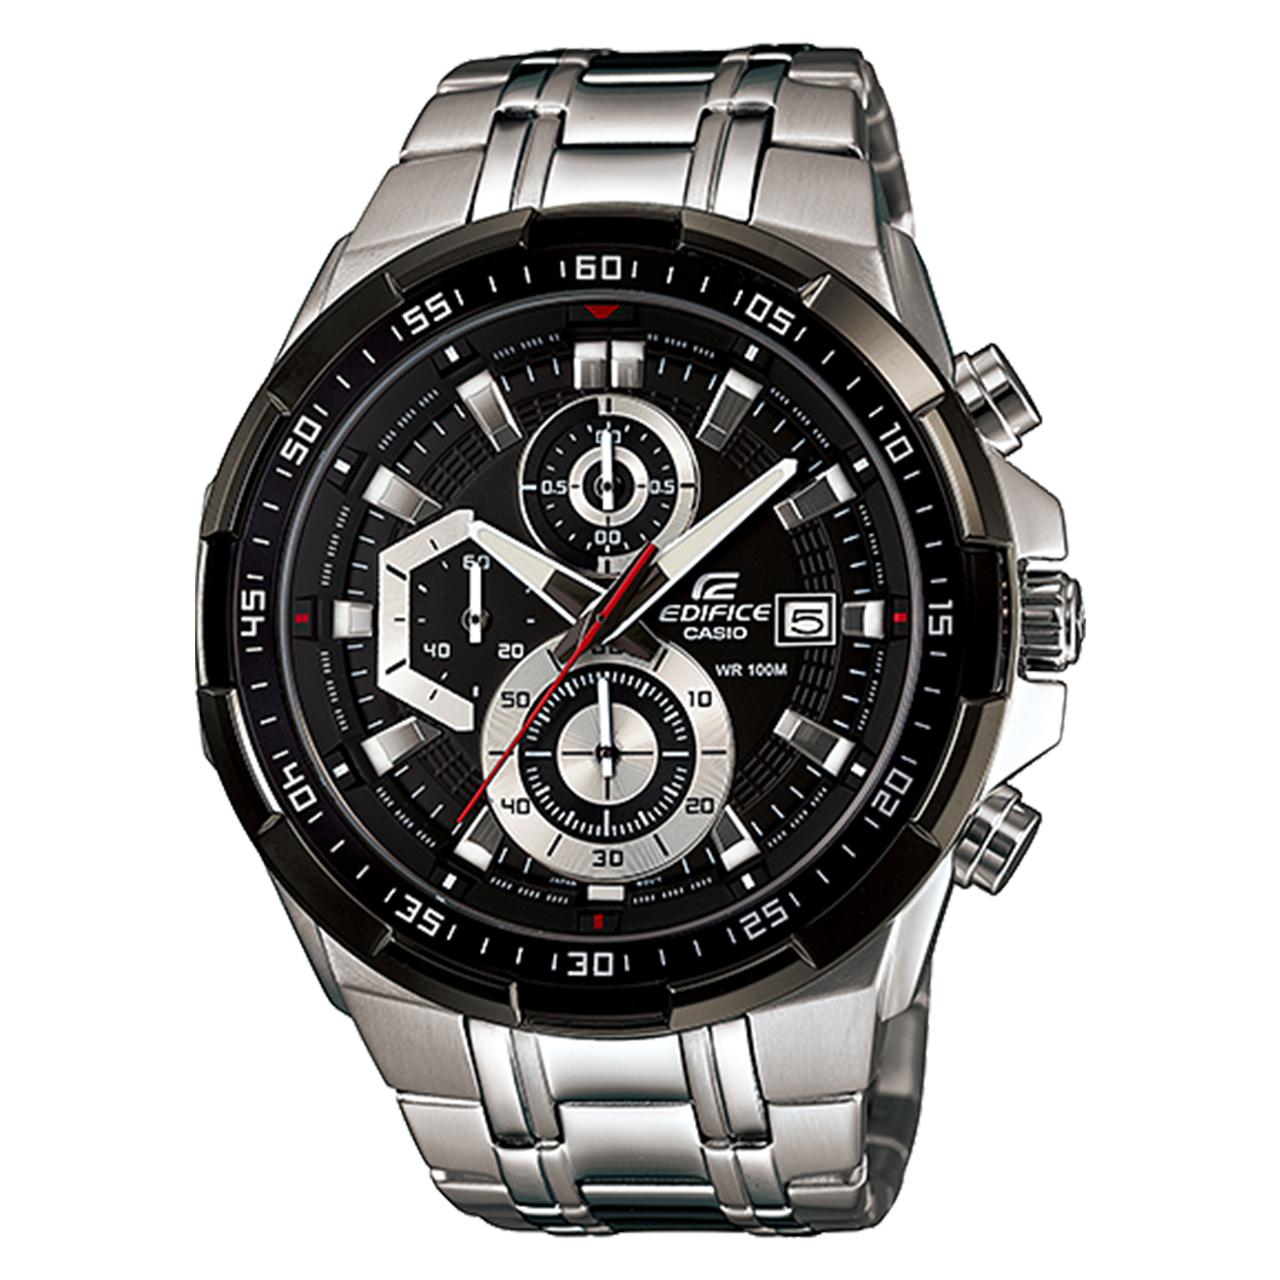 ساعت مچی عقربه ای مردانه کاسیو ادیفایس EFR-539D-1AVUDF              خرید (⭐️⭐️⭐️)